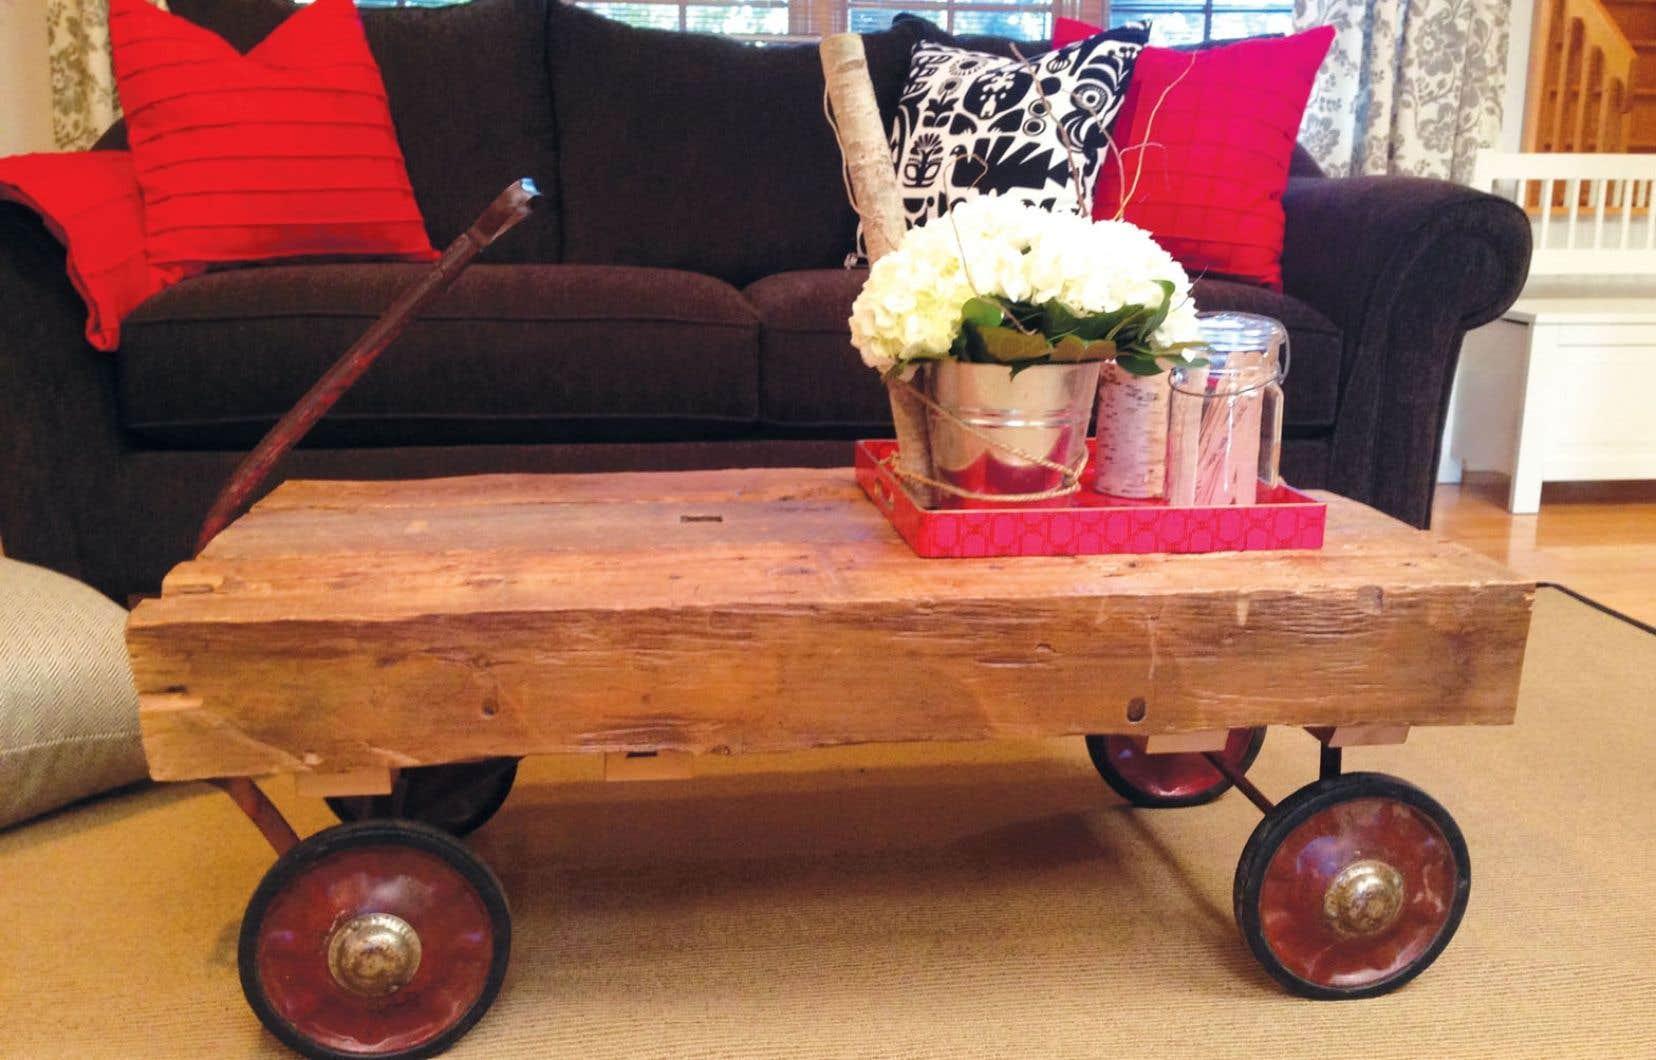 Peindre un vieux meuble un sacril ge le devoir - Peindre un vieux meuble en bois ...